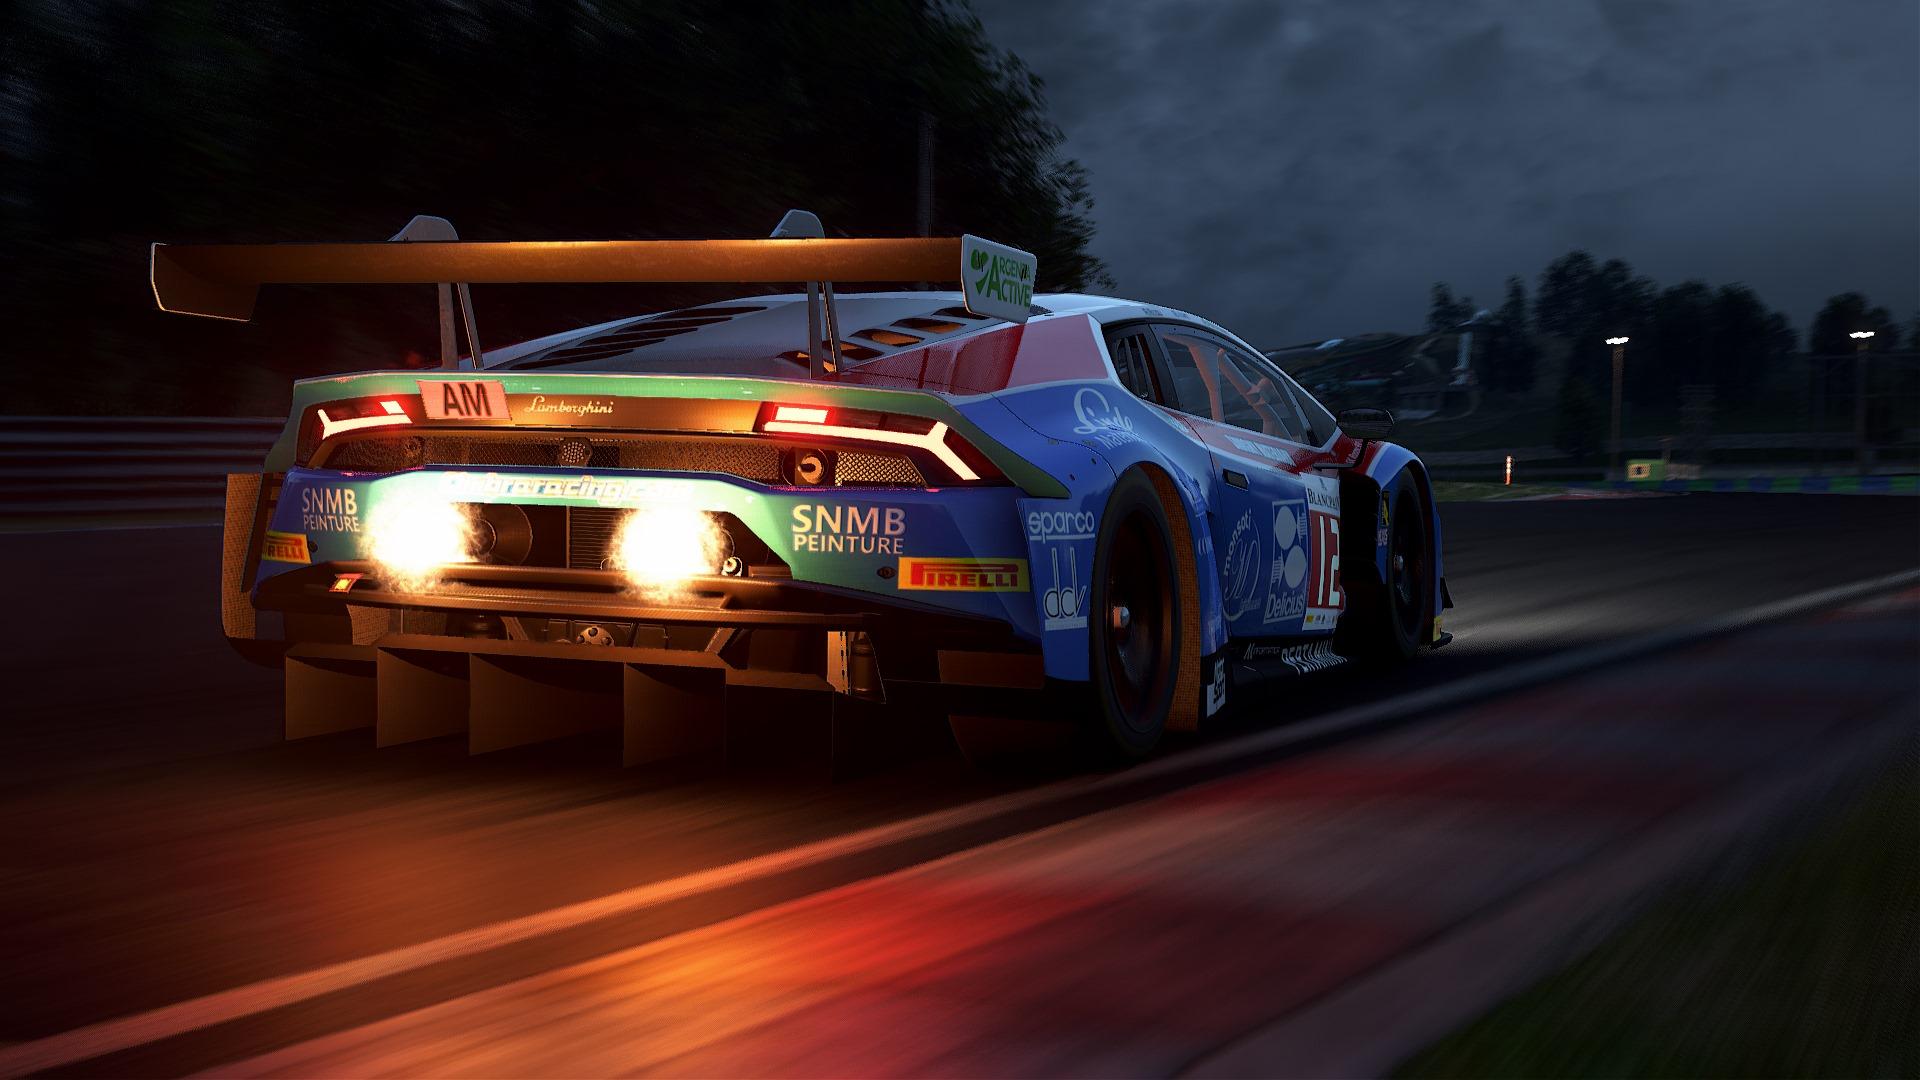 Wallpaper : Assetto Corsa Competizione, Lamborghini Huracan